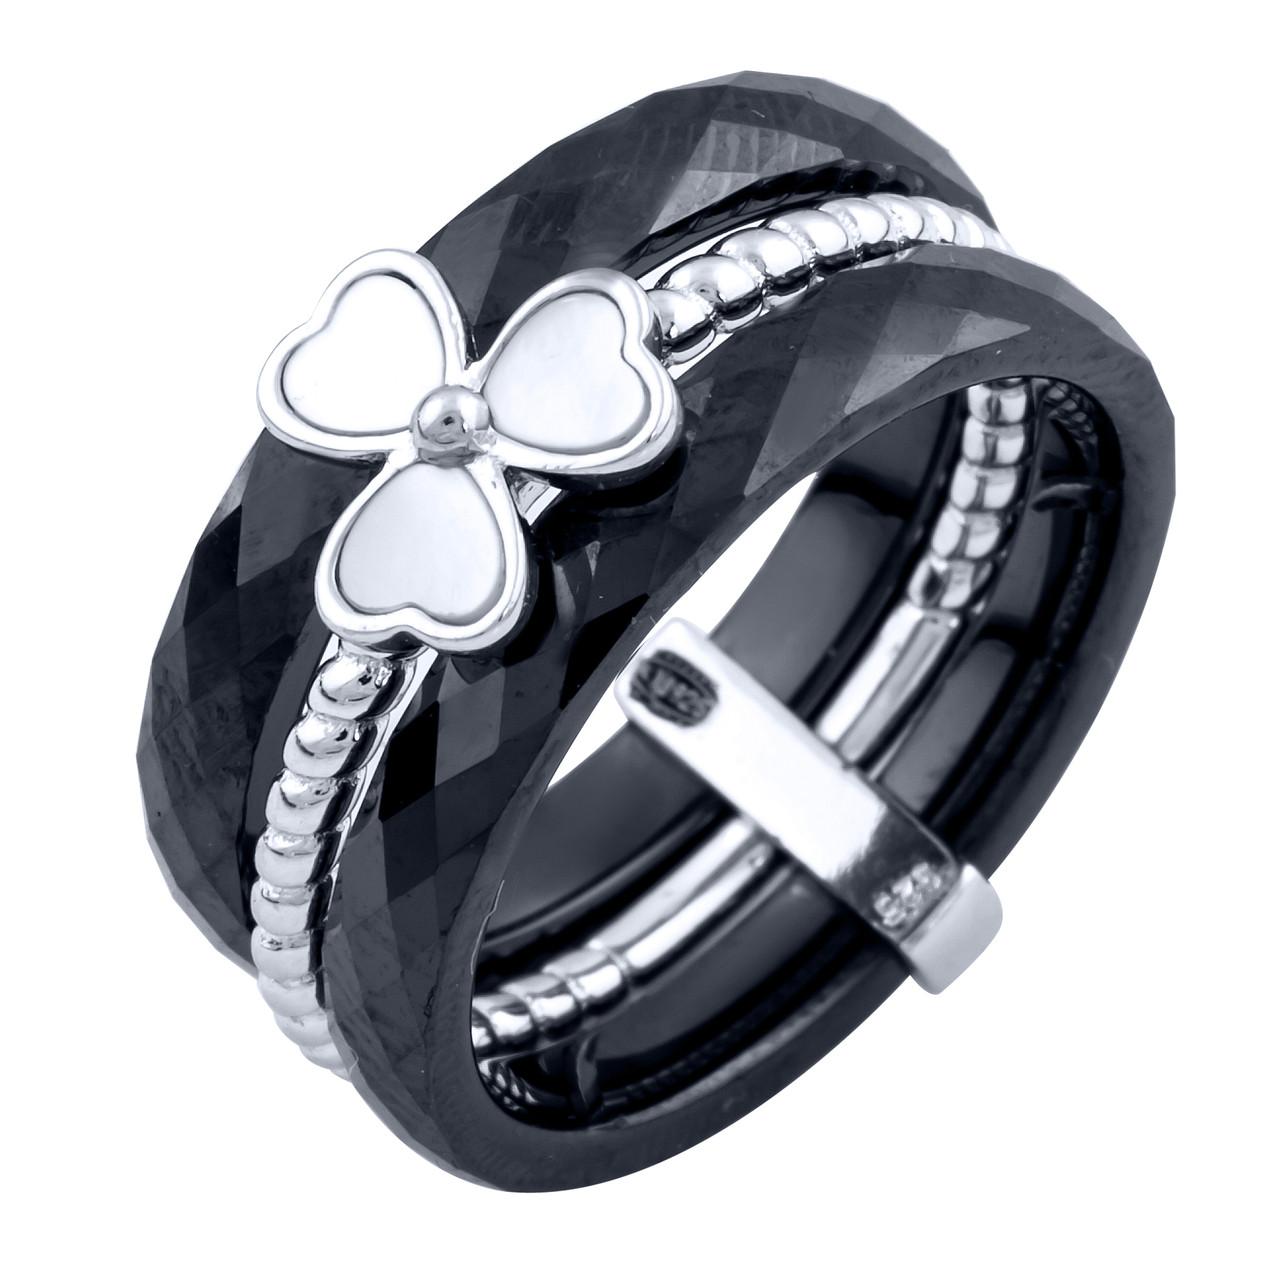 Серебряное кольцо pSilverAlex с натуральным керамикой, перламутром (1764916) 18 размер 6.28, 18.5